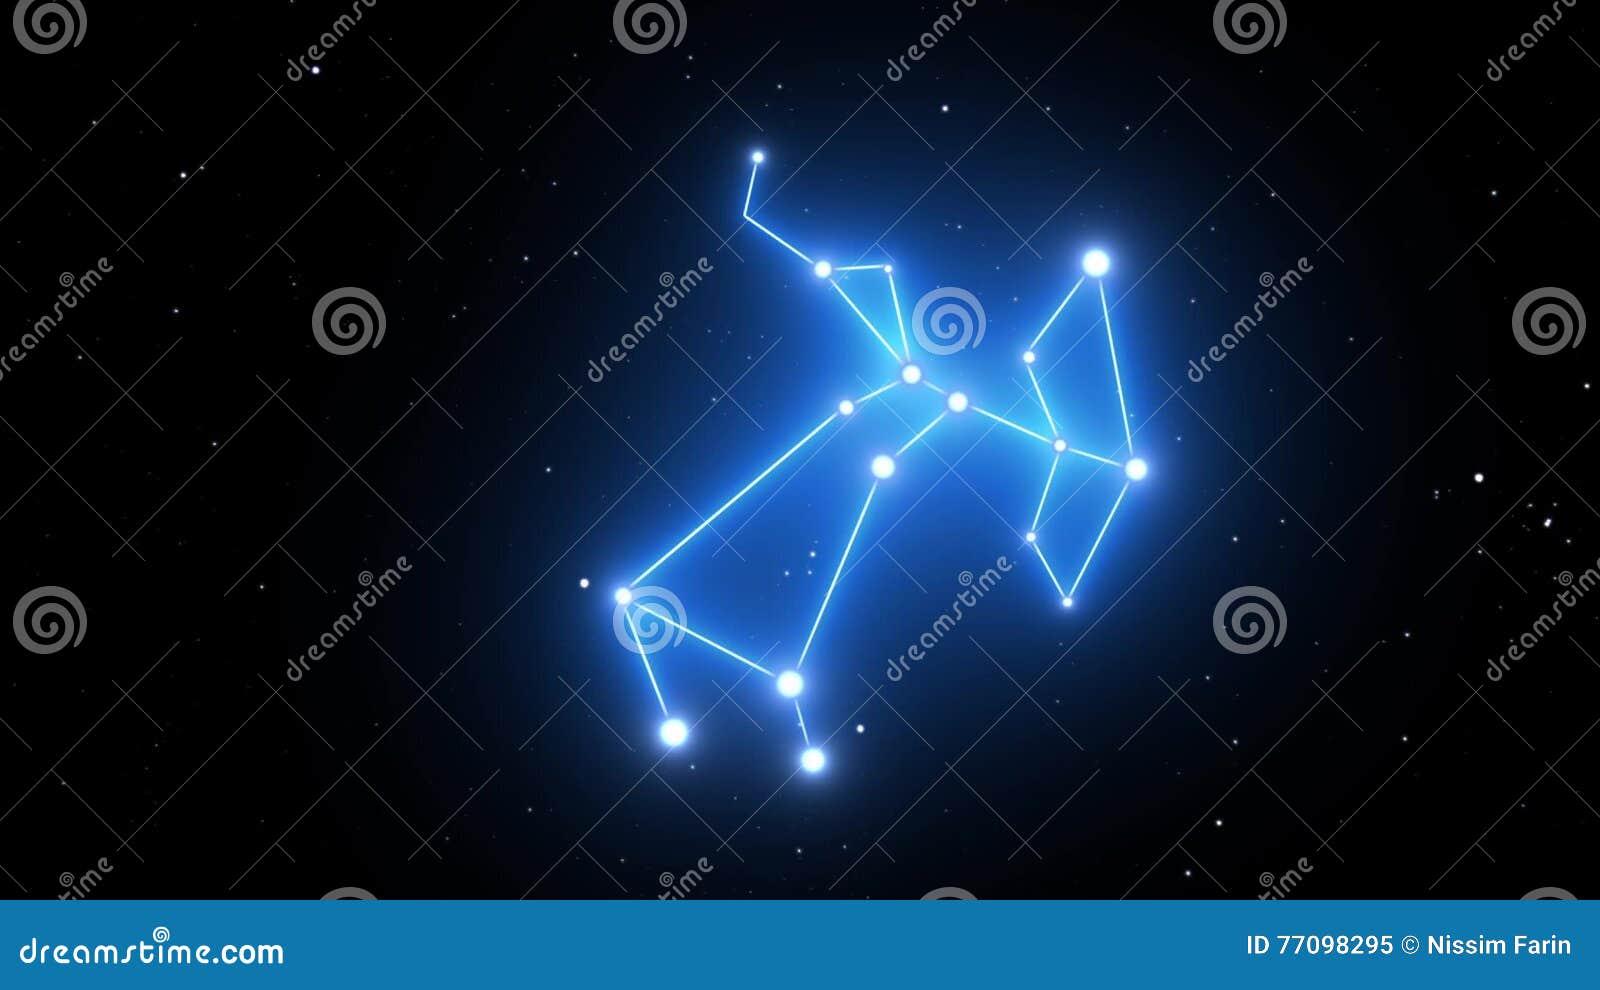 Constelacao de sagitario